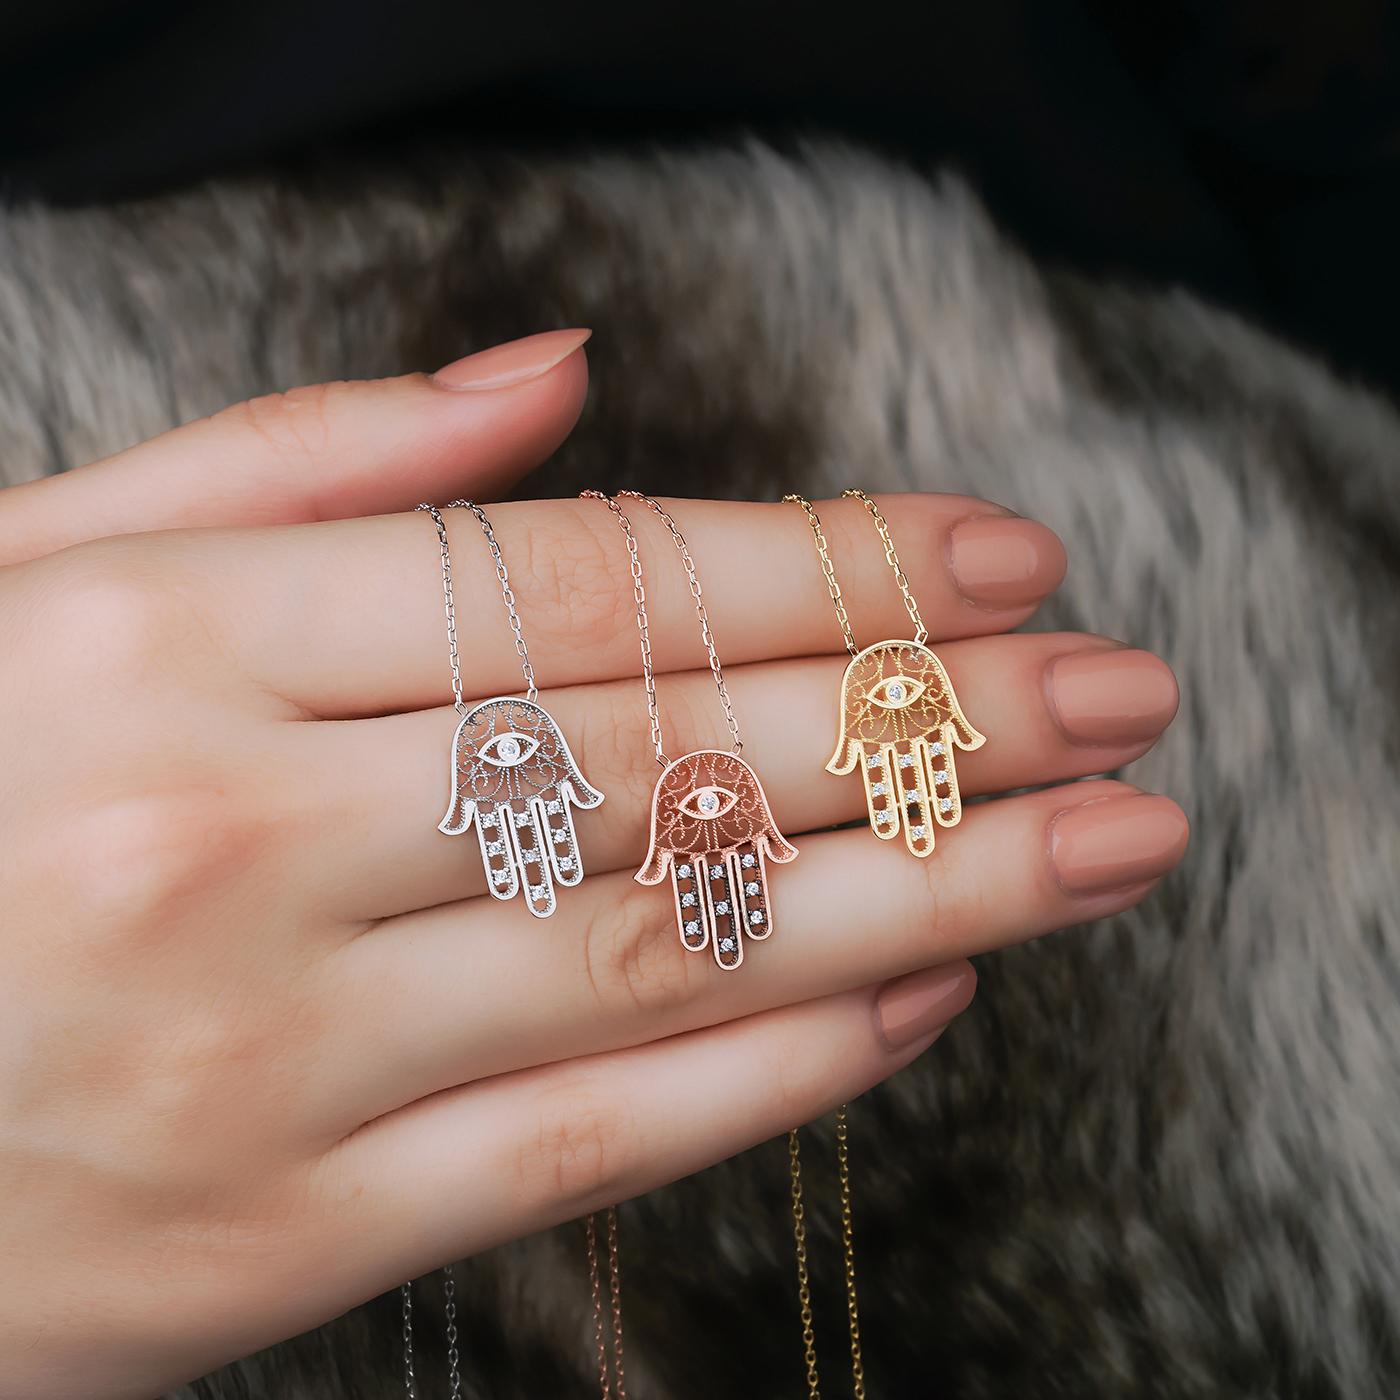 ALMIRA 925 Sterling Silber Damen Halskette Fatimas Hand Silberschmuck Zirkonia